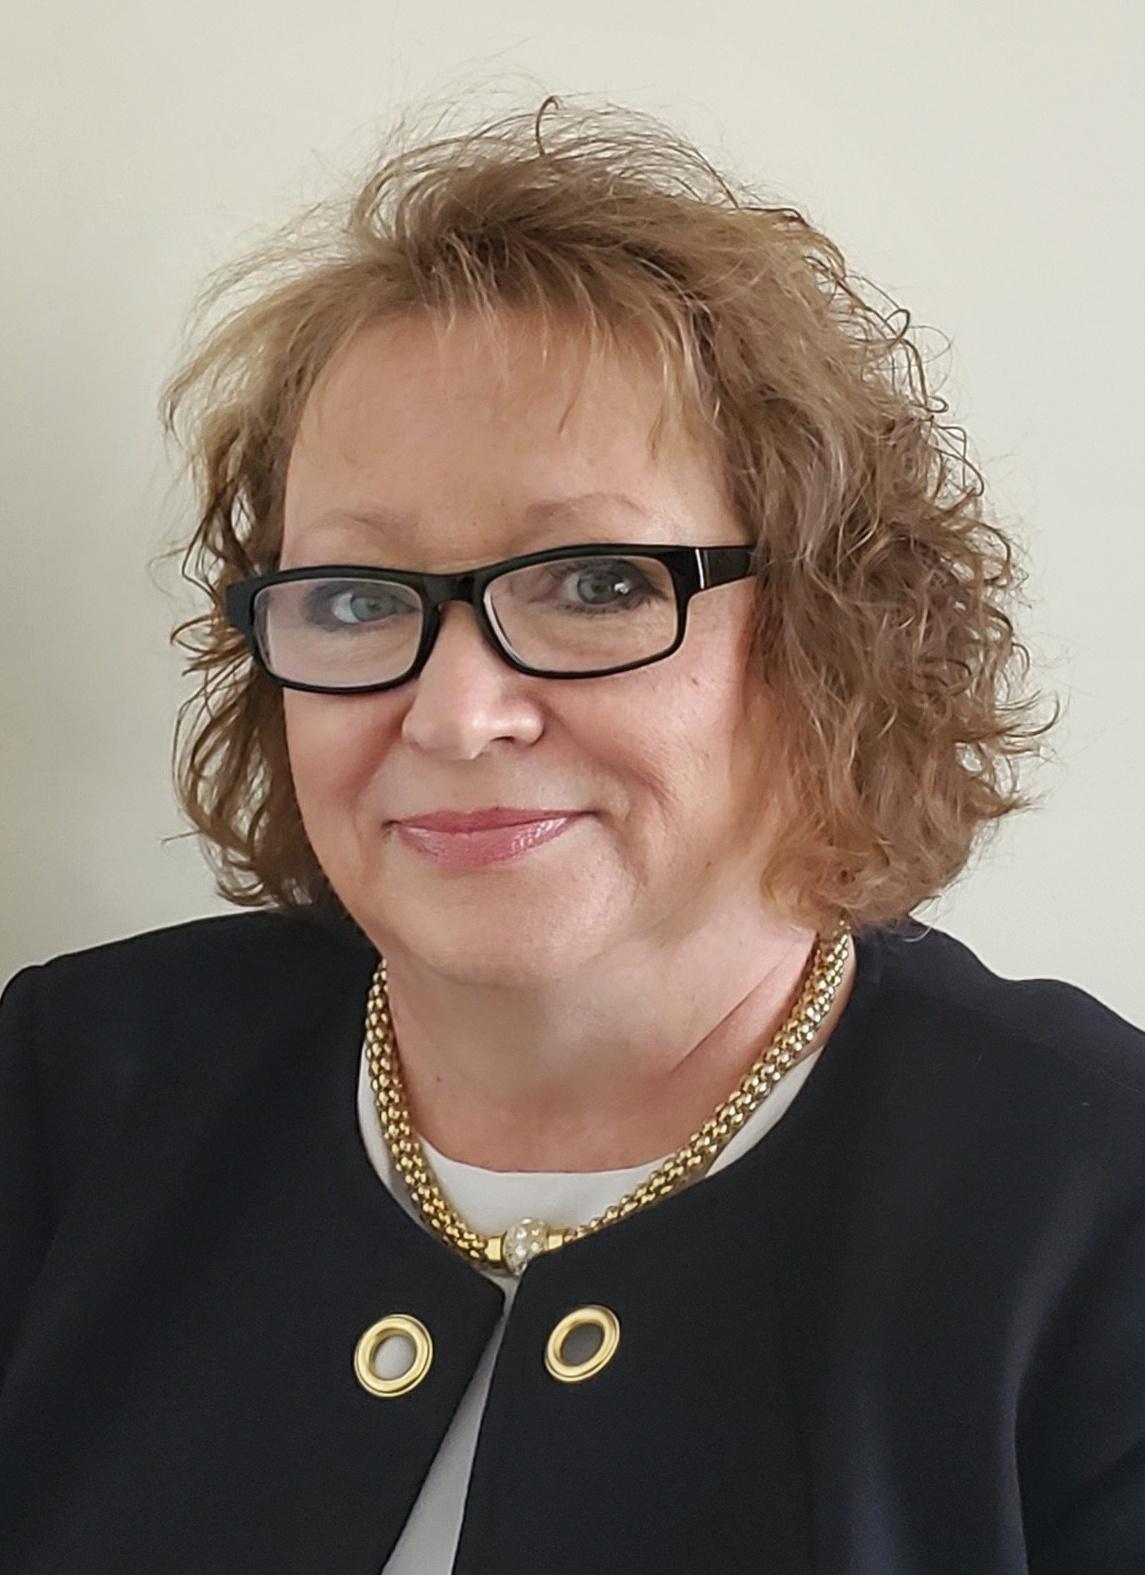 Angela Estep